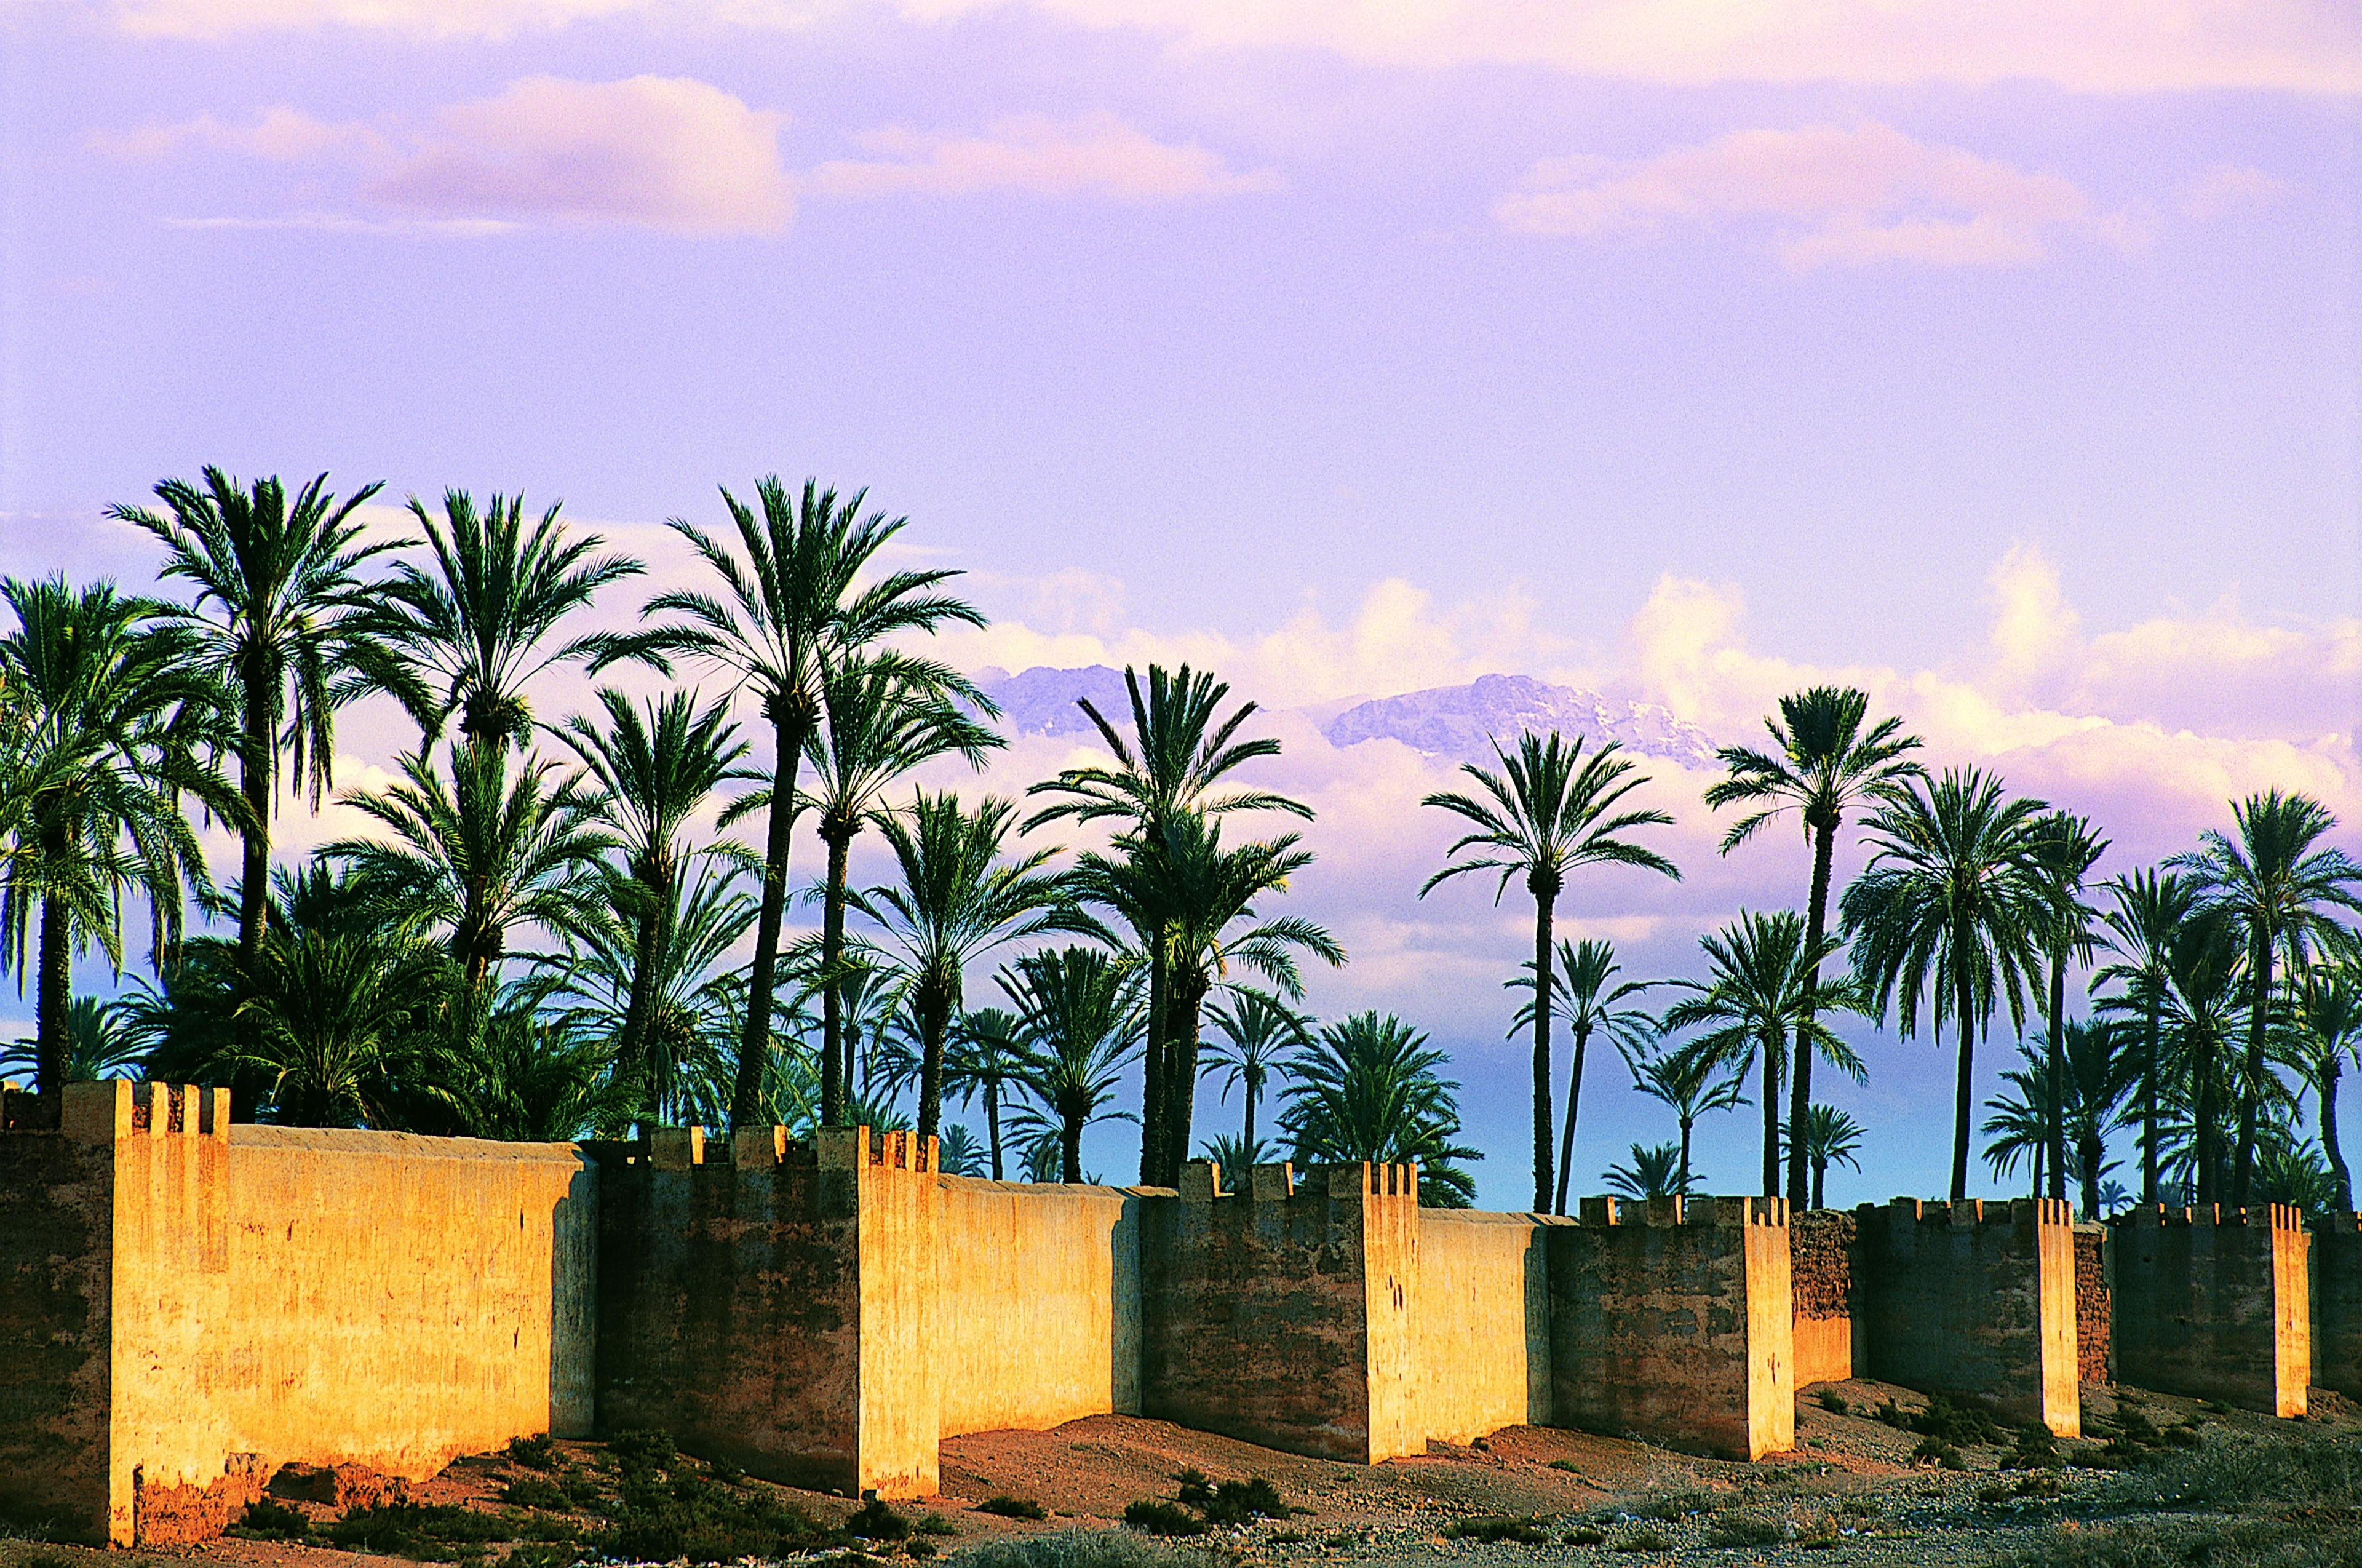 Annakhil, Marrakech, Marrakech-Safi, Morocco